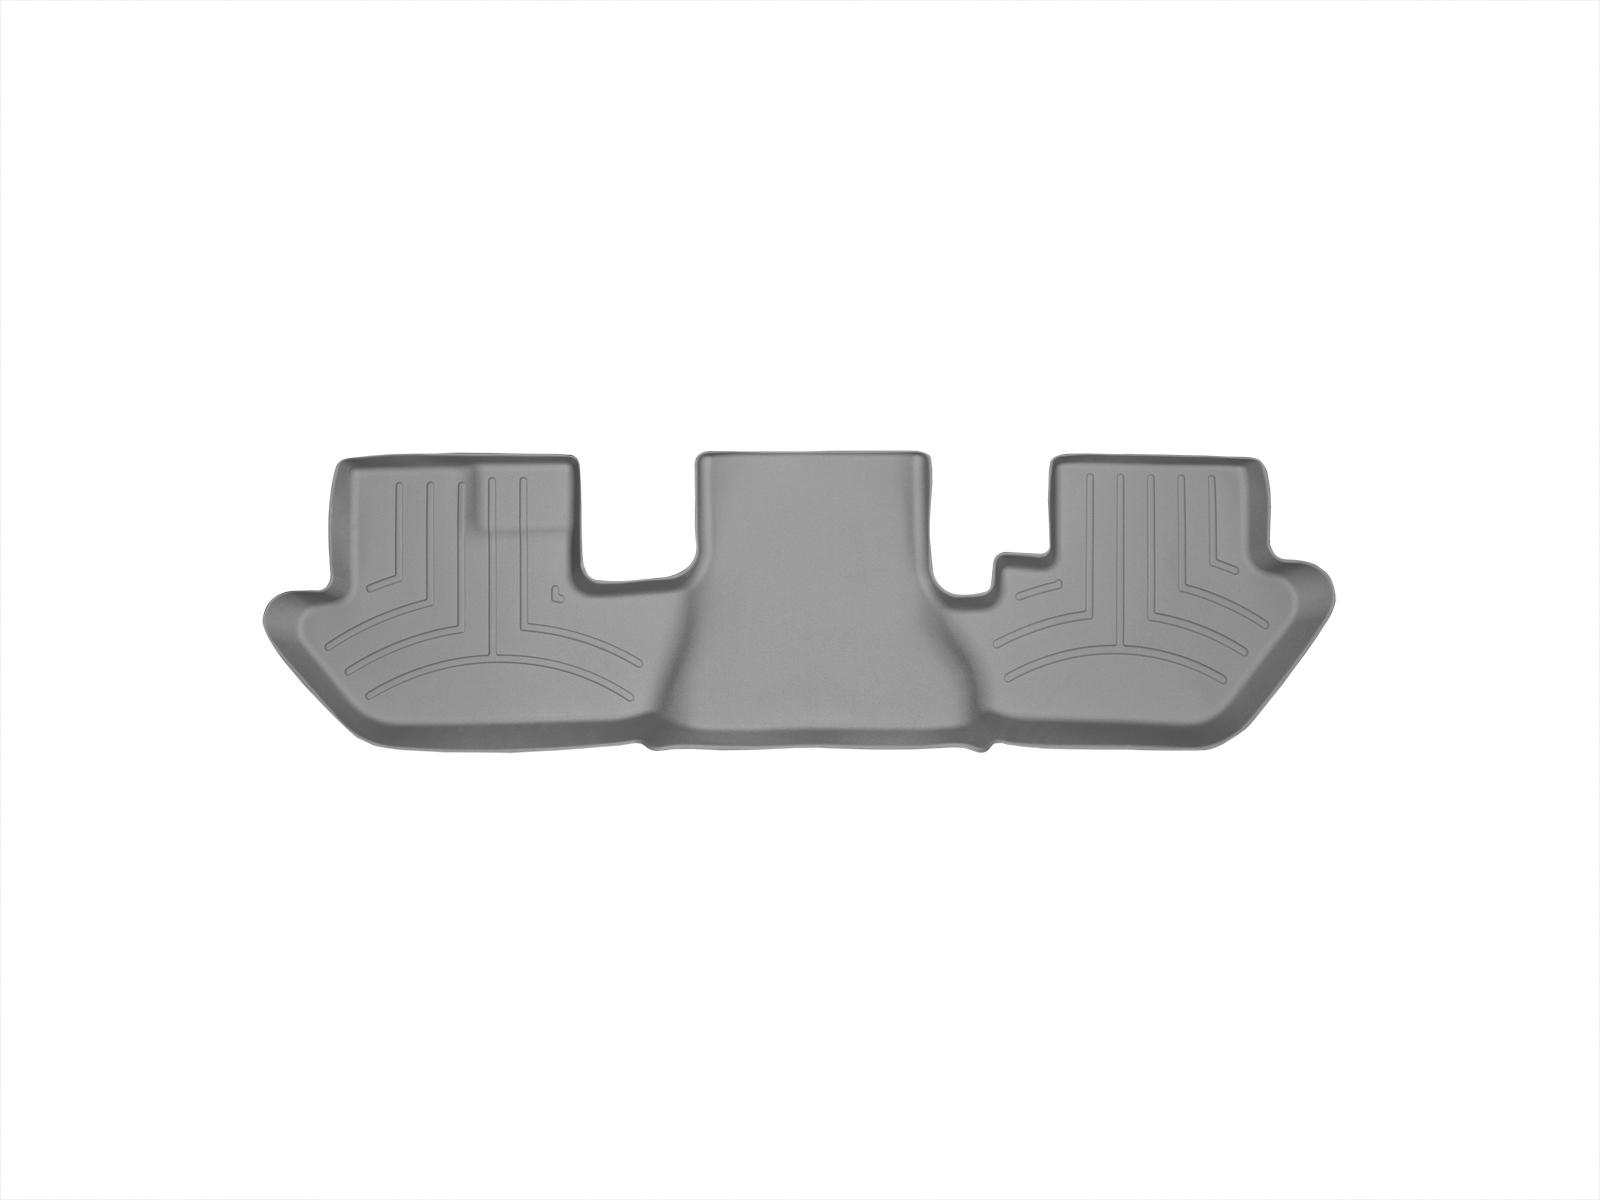 Tappeti gomma su misura bordo alto Chevrolet Suburban 00>06 Grigio A211